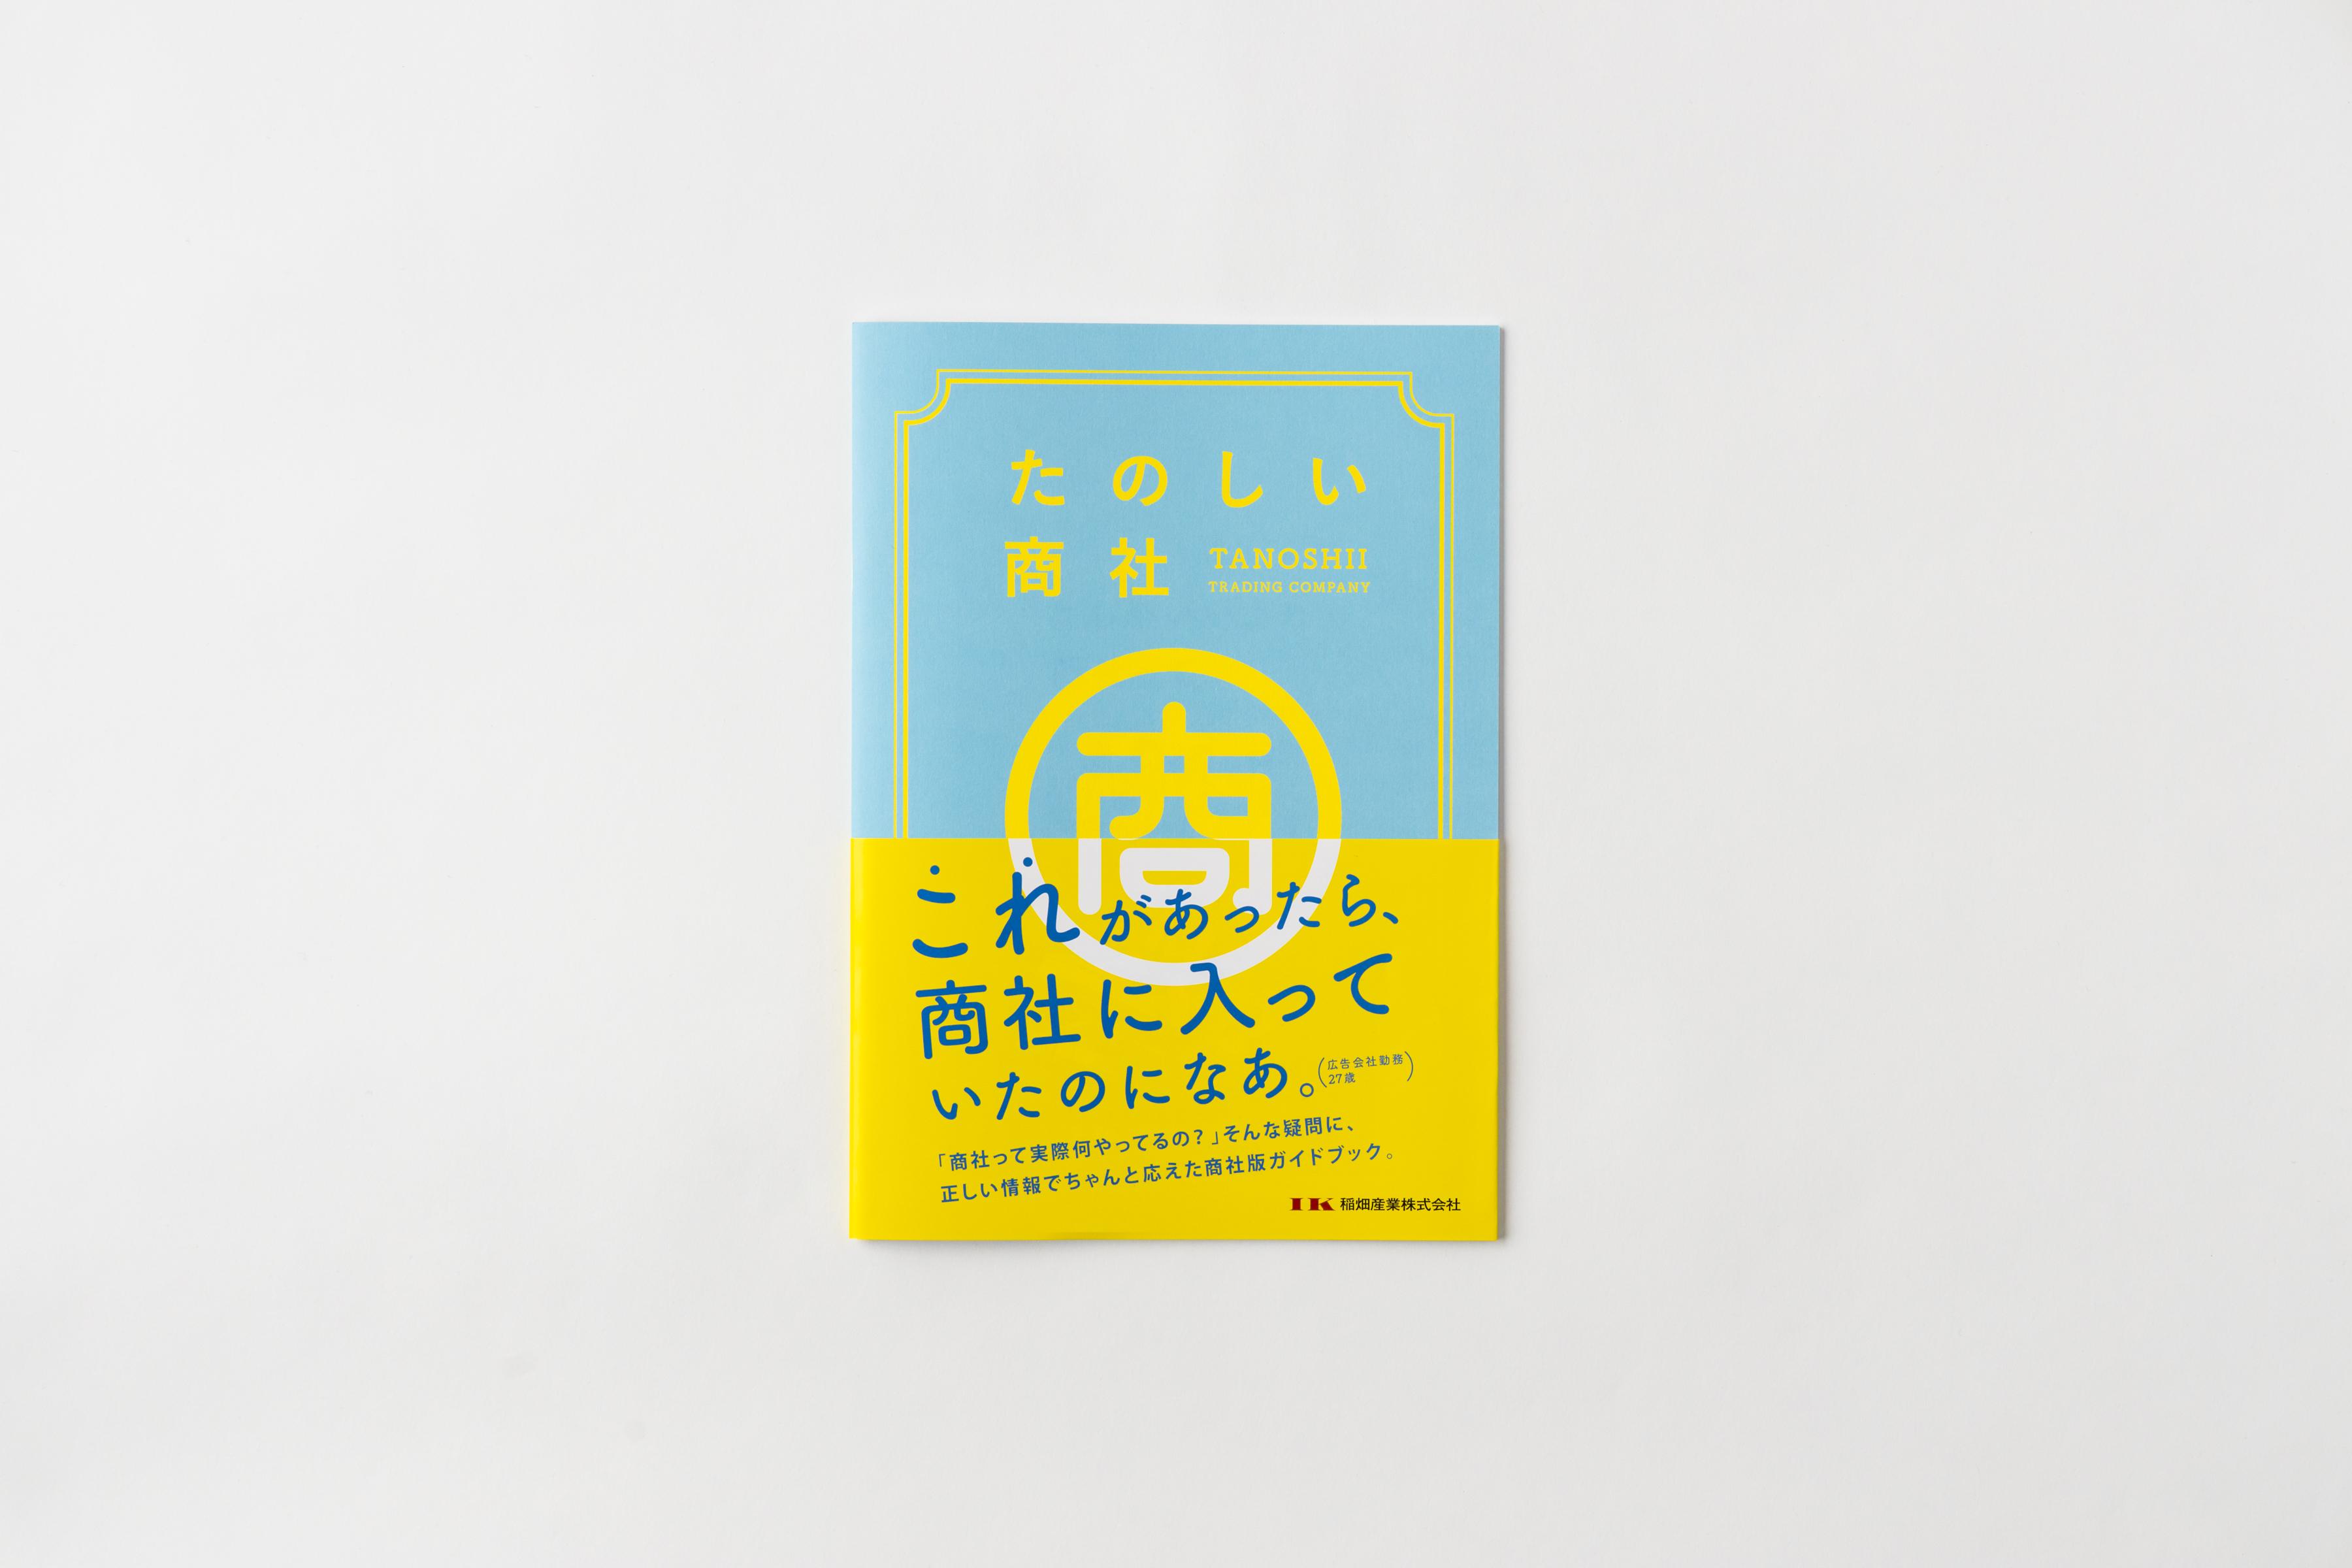 稲畑産業株式会社|採用パンフレット